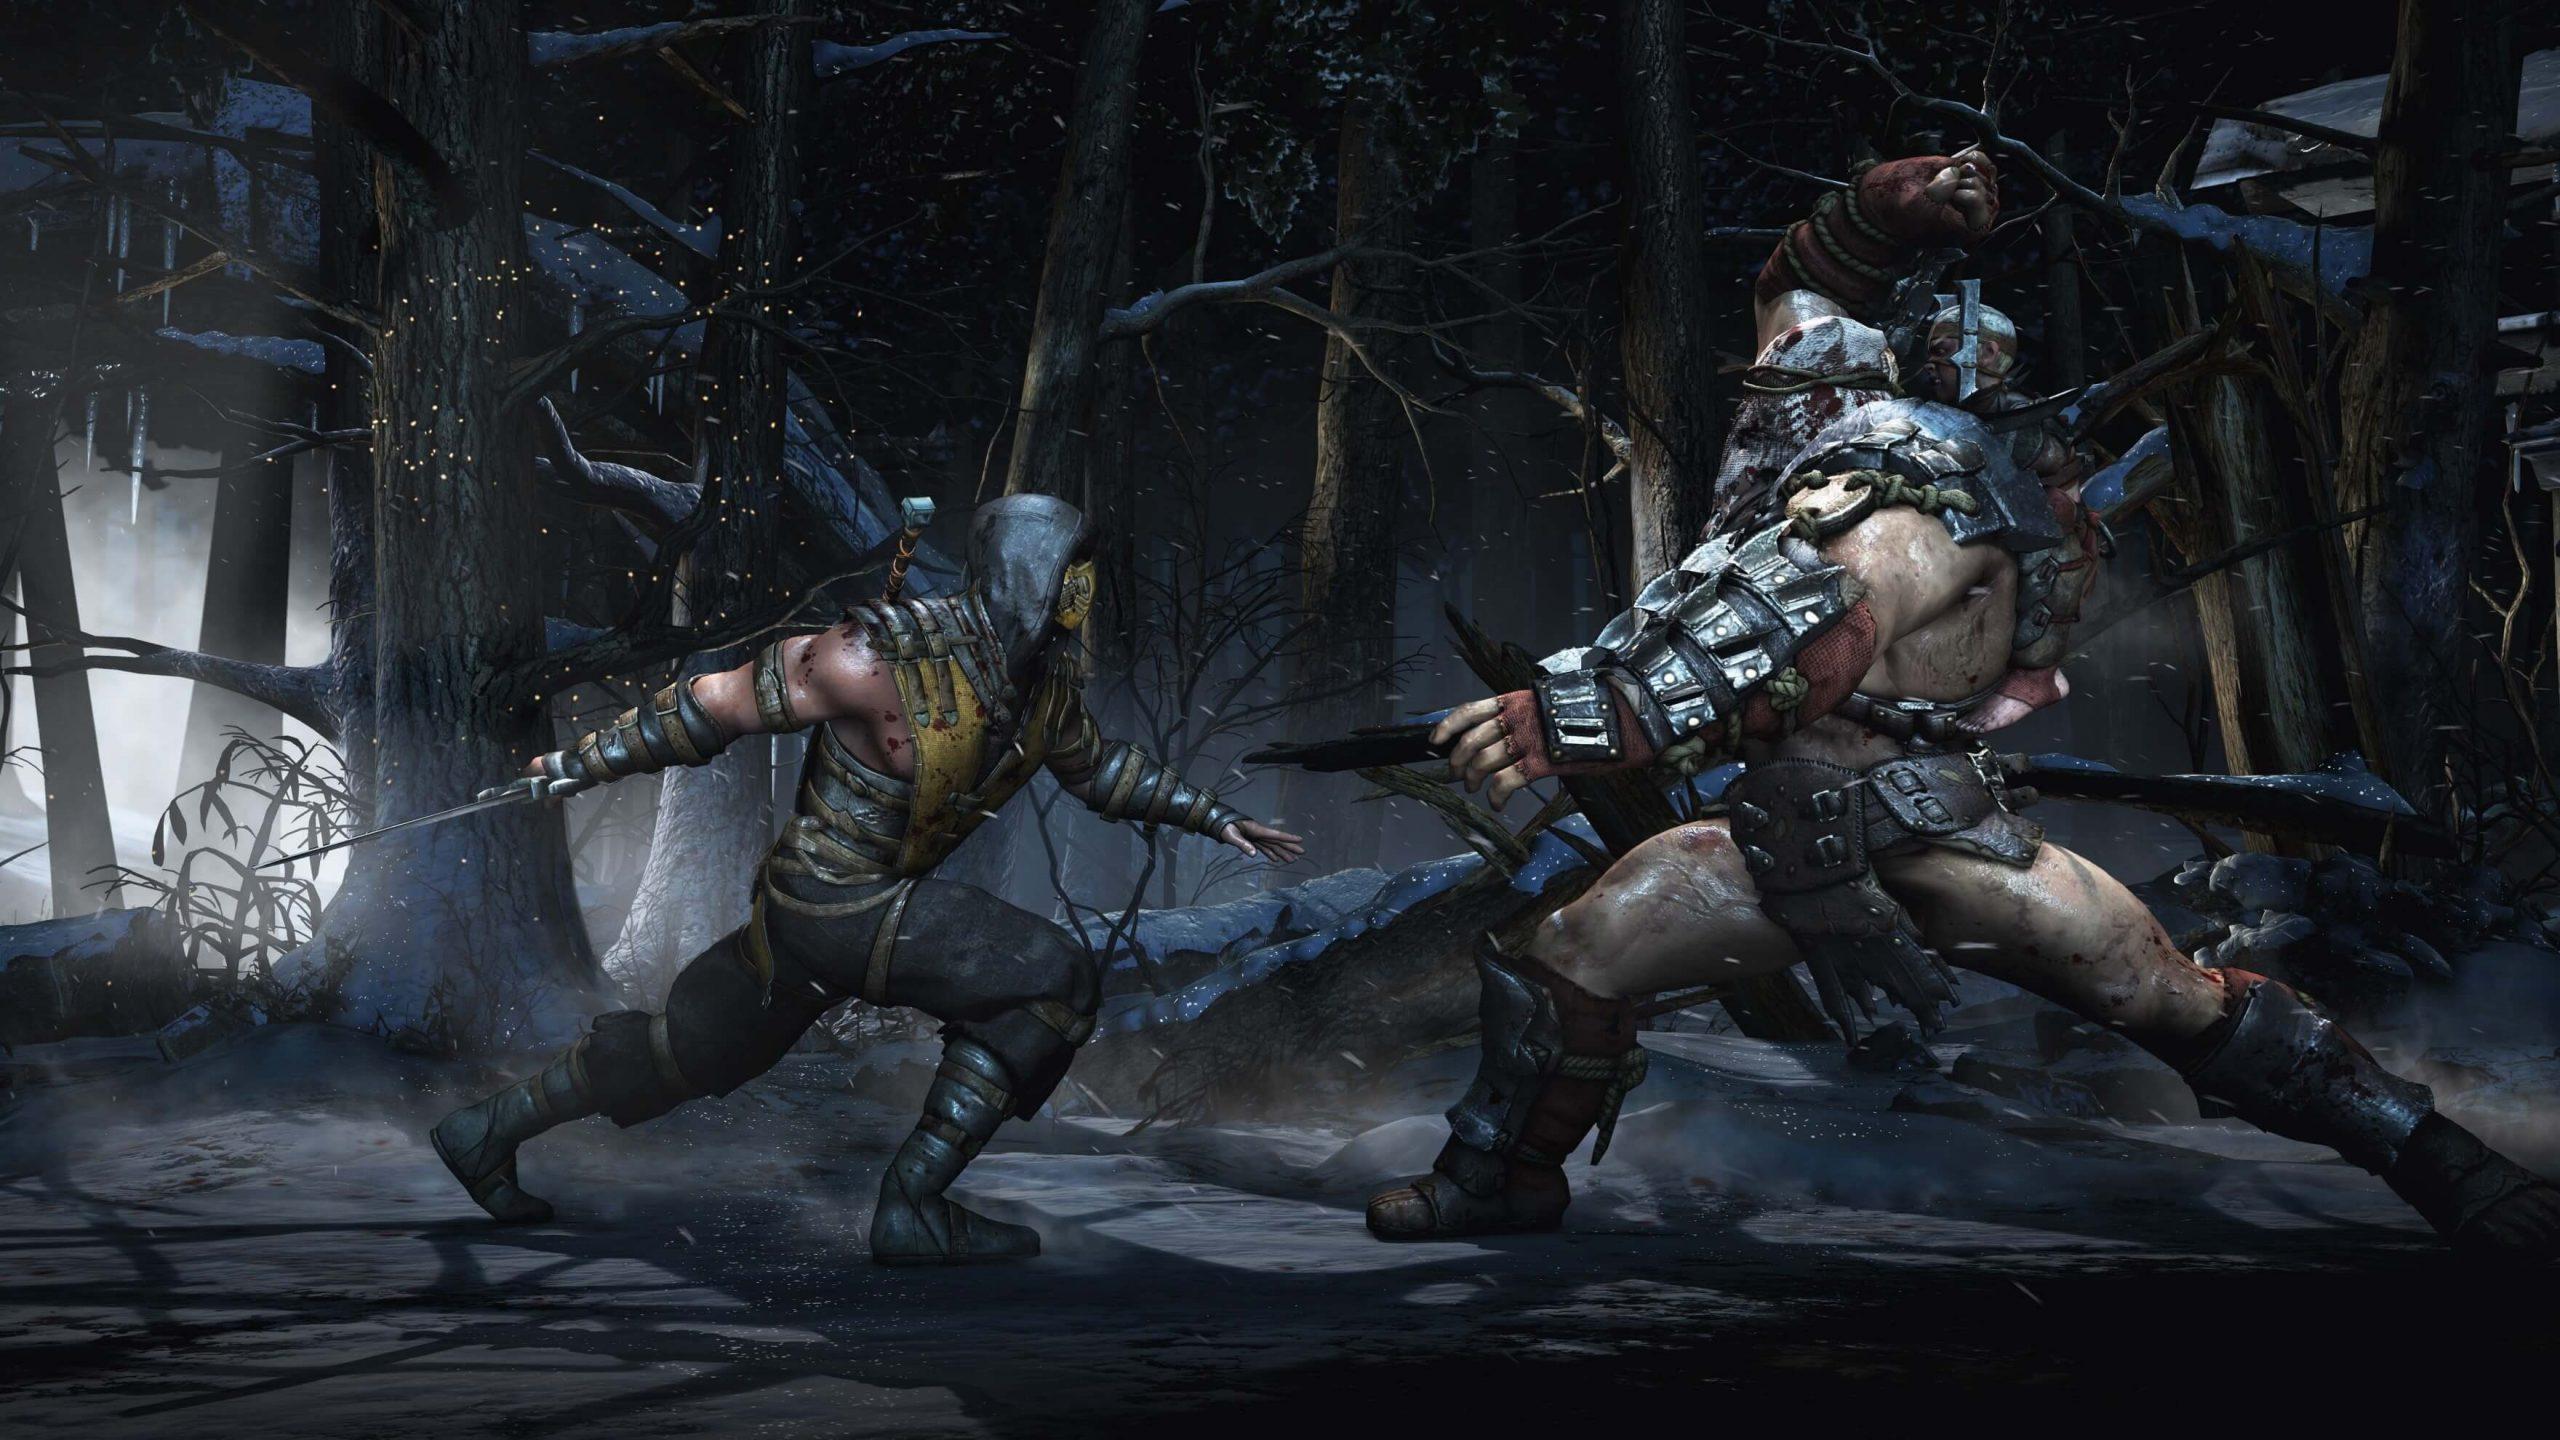 Mortal Kombat Photos 2